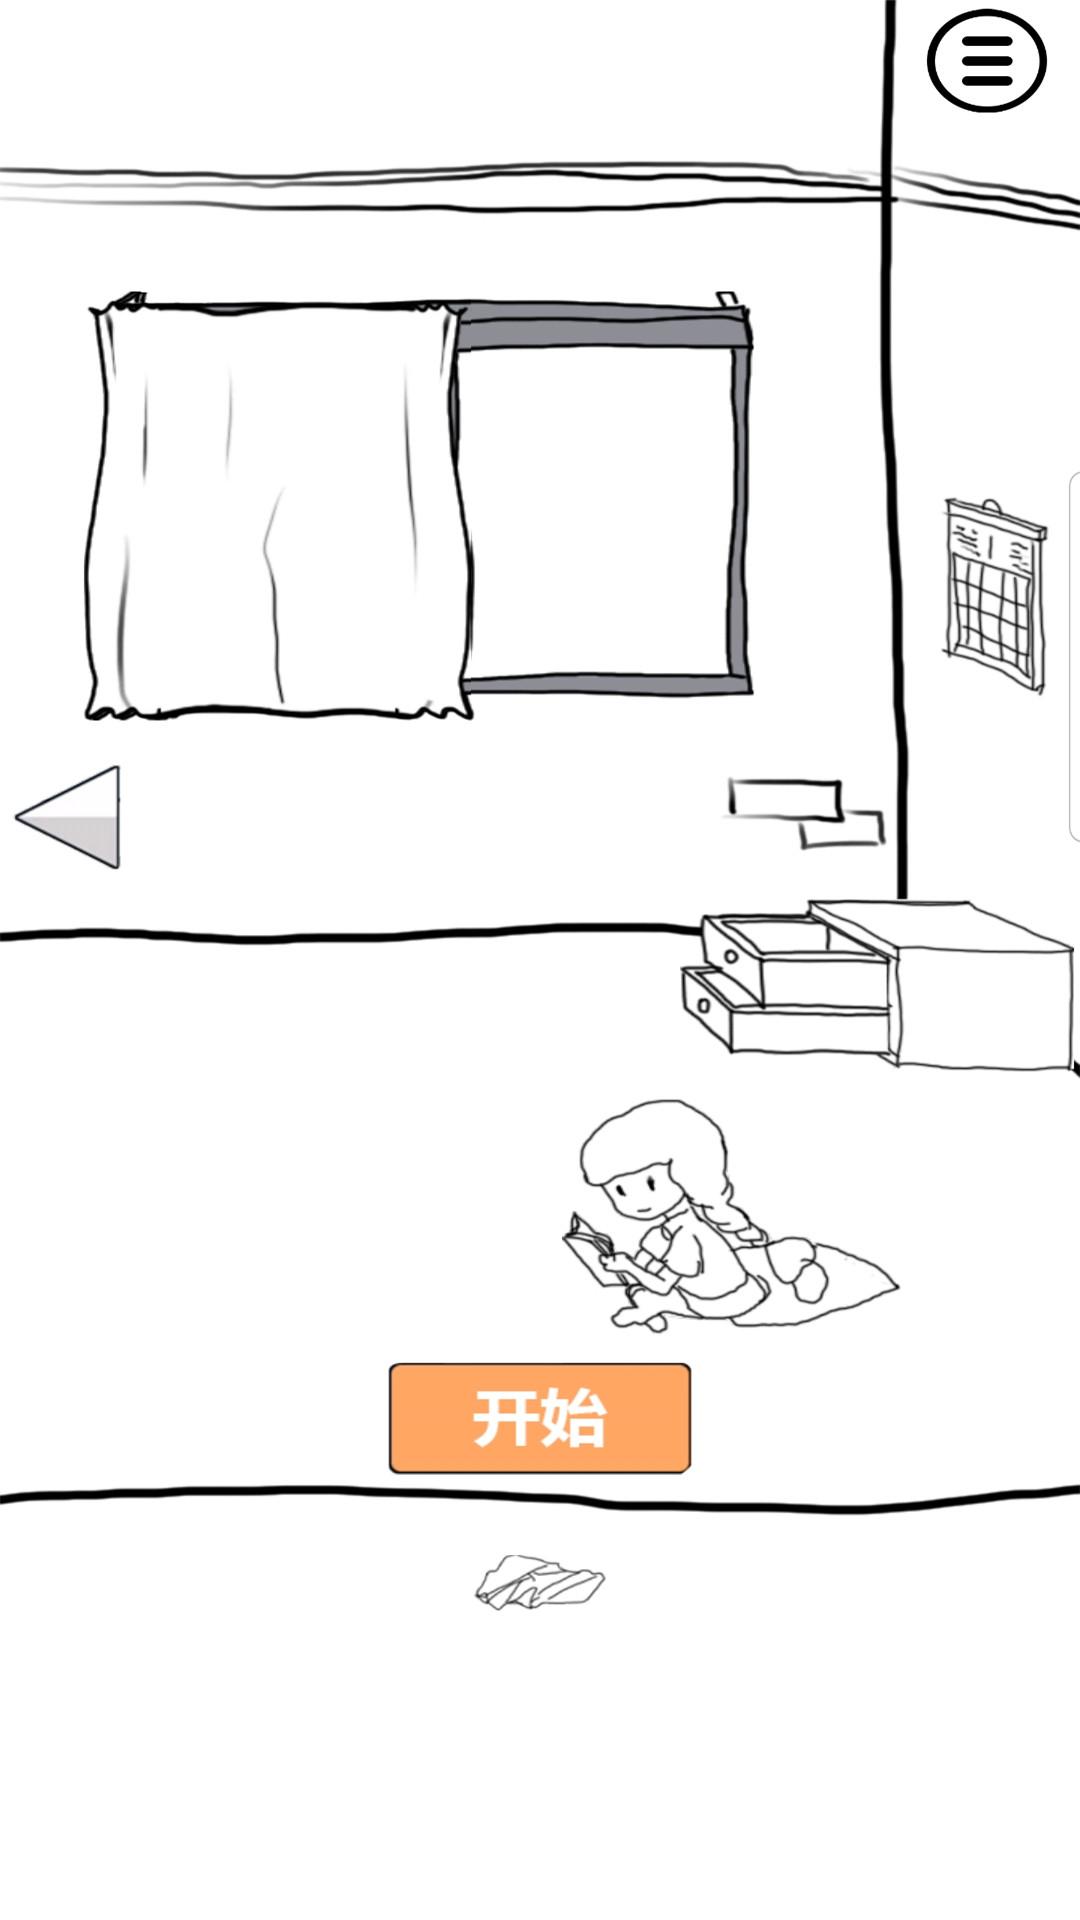 糖果奇迹(解谜大作战) APP截图